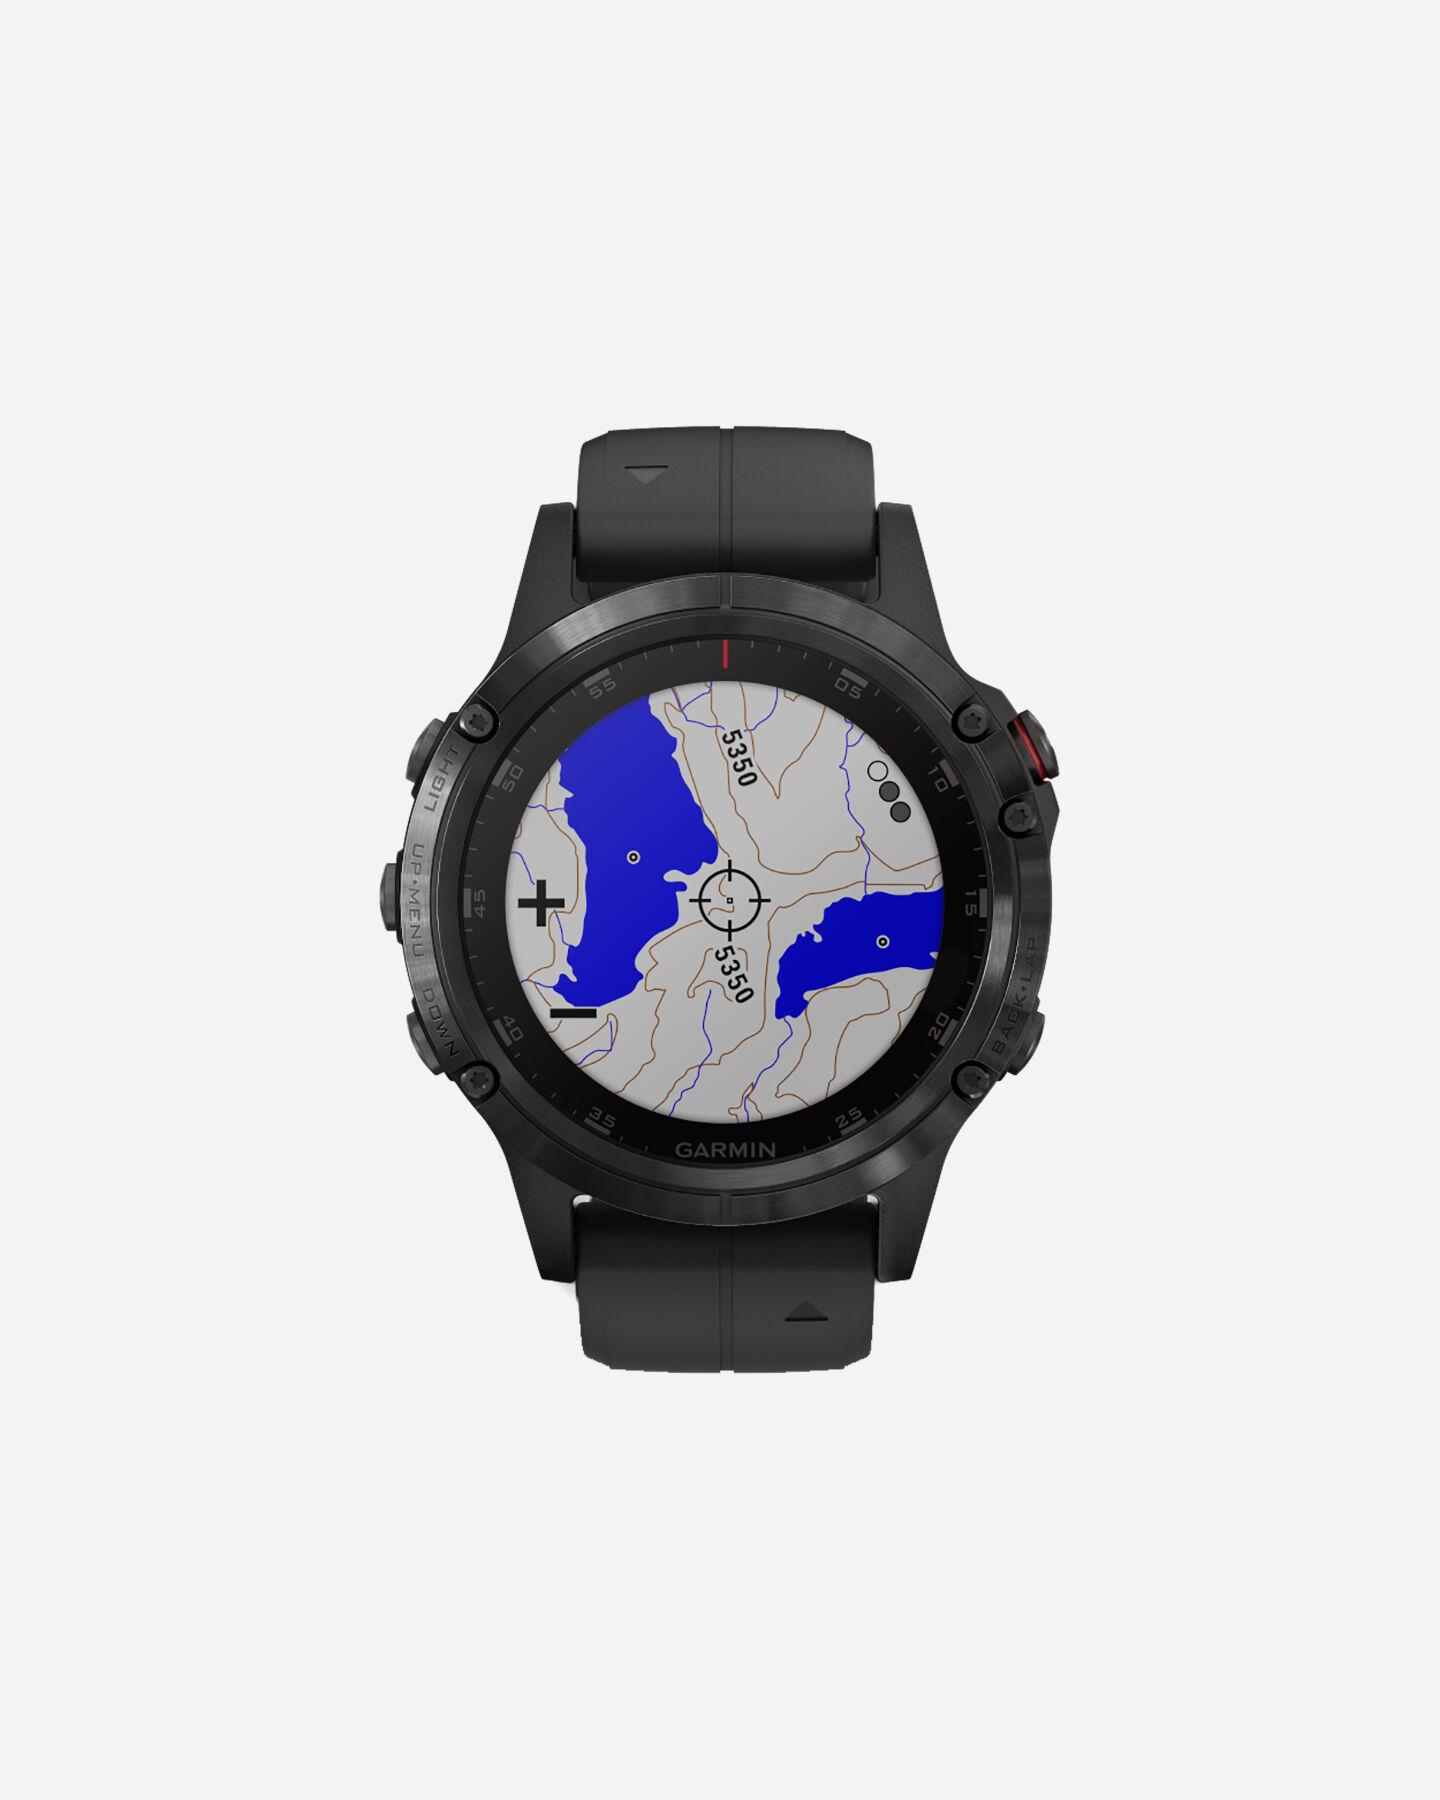 Orologio multifunzione GARMIN FENIX5 PLUS SAPPHIRE S4056931|01|UNI scatto 0